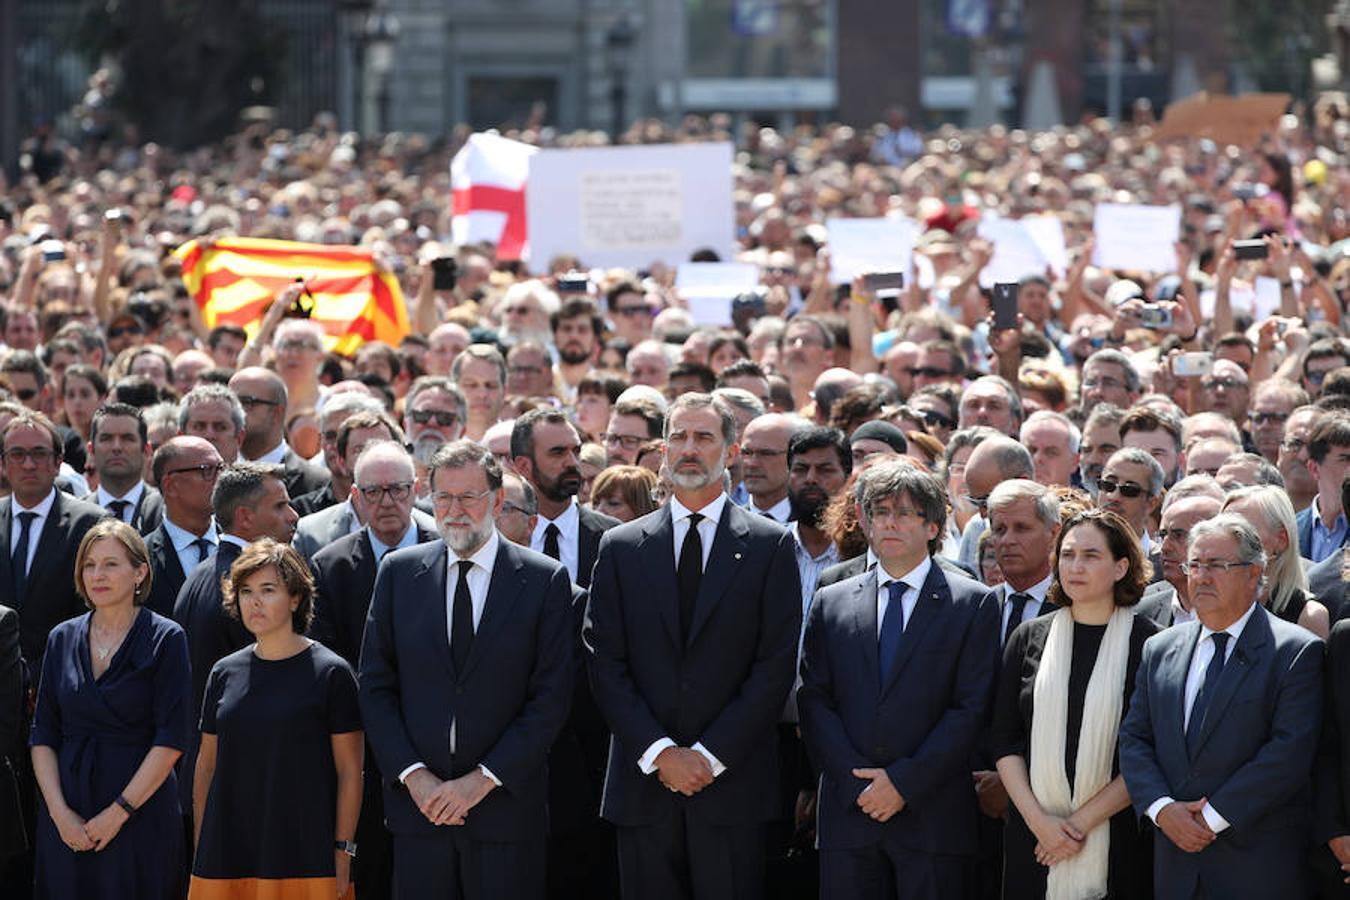 El rey Felipe VI, acompañado de la vicepresidenta del Gobierno, Soraya Sáenz de Santamaría, el presidente del Ejecutivo, Mariano Rajoy, el presidente de la Generalitat, Carles Puigdemont, la alcaldesa de la ciudad, Ada Colau y el ministro de Interior, Juan Ignacio Zoido, guardan un minuto de silencio en la Plaza de Cataluña